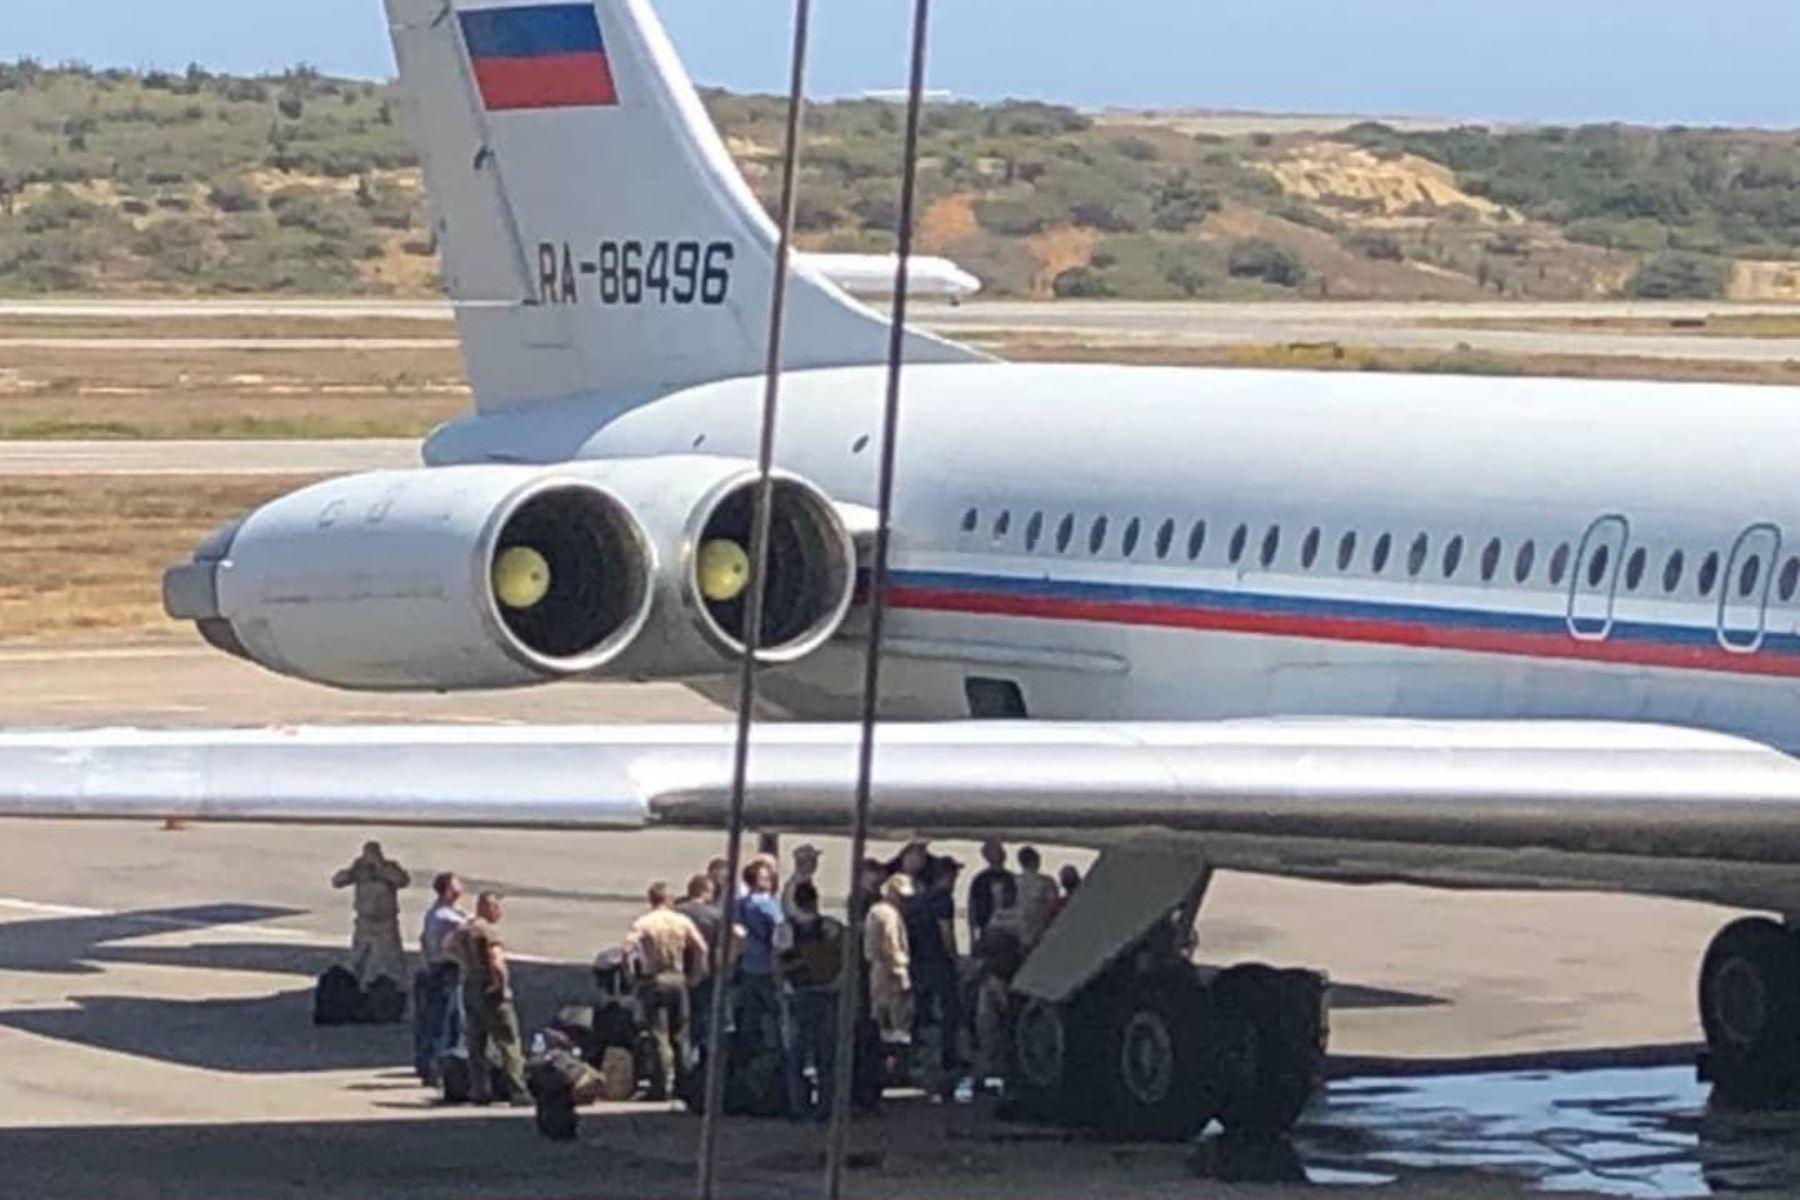 Aviones de la Fuerza Aérea Rusa arribaron en el aeropuerto internacional de Maiquetía. Foto: @TachiraNoticias/Twitter